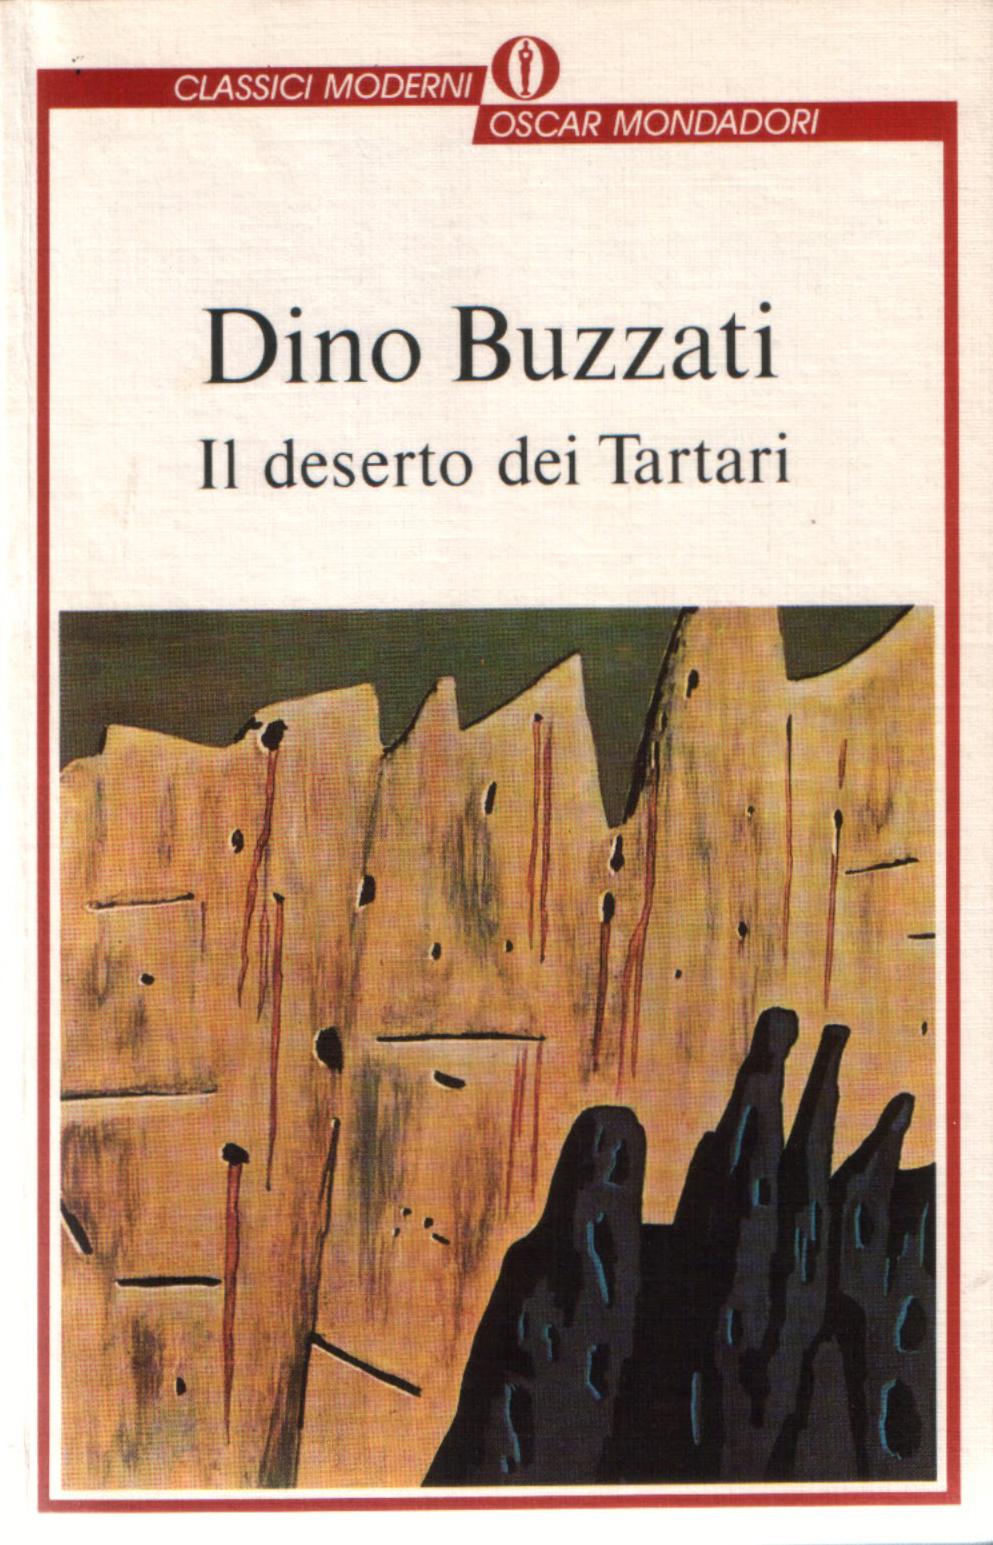 Dino Buzzati, Il deserto dei Tartari, Mondadori